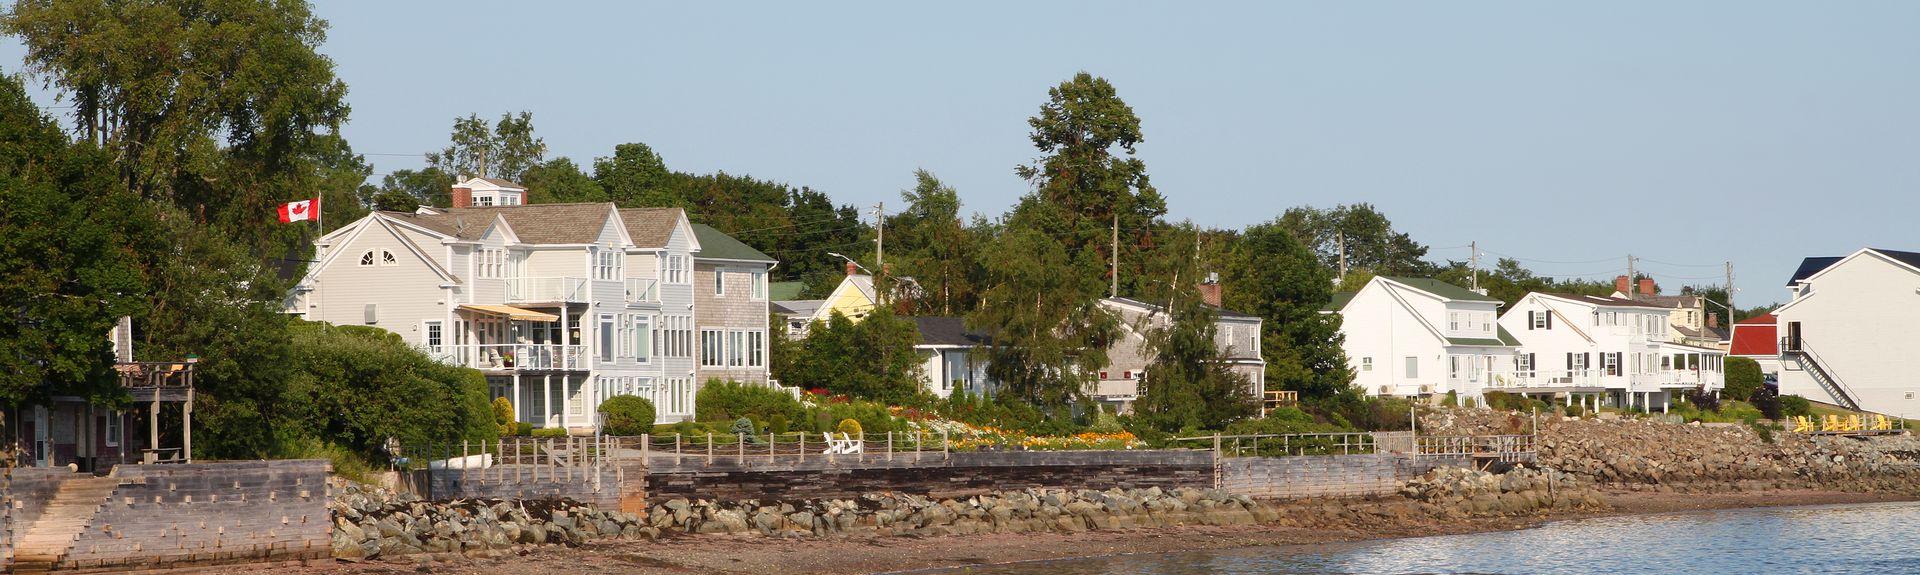 Saint Andrews, New Brunswick, Kanada